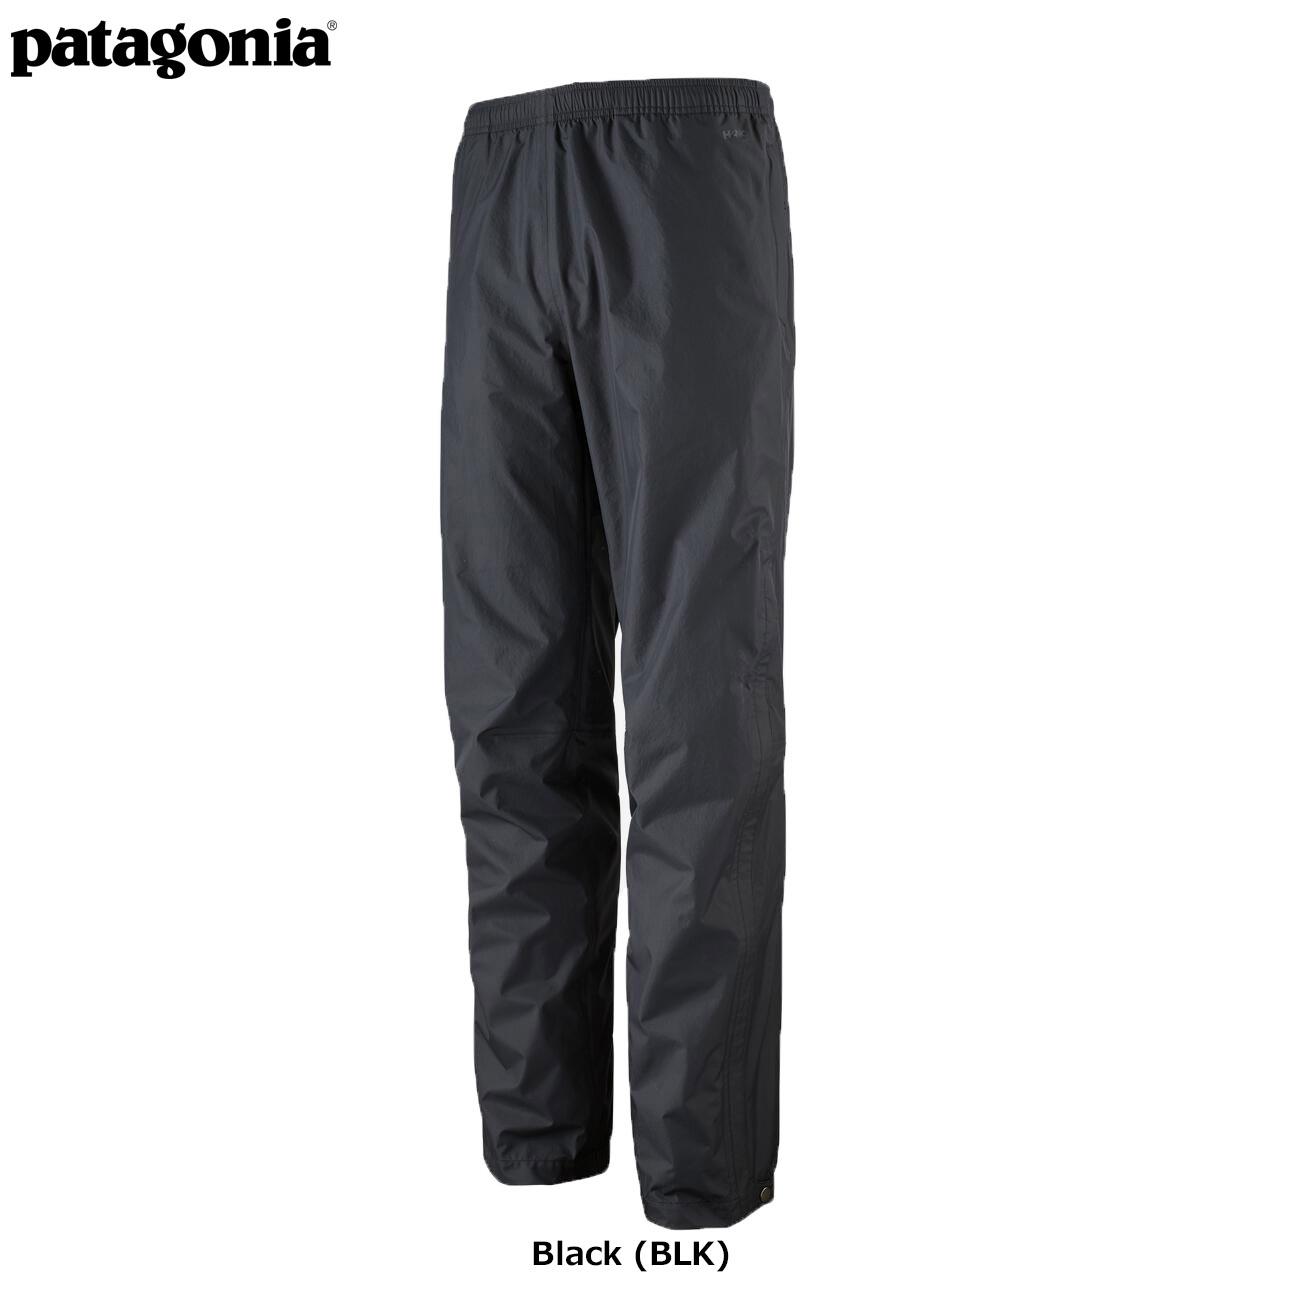 メンズ・トレントシェル3L・パンツ(レギュラー) BLACK (BLK) / 【patagonia パタゴニア】 85265